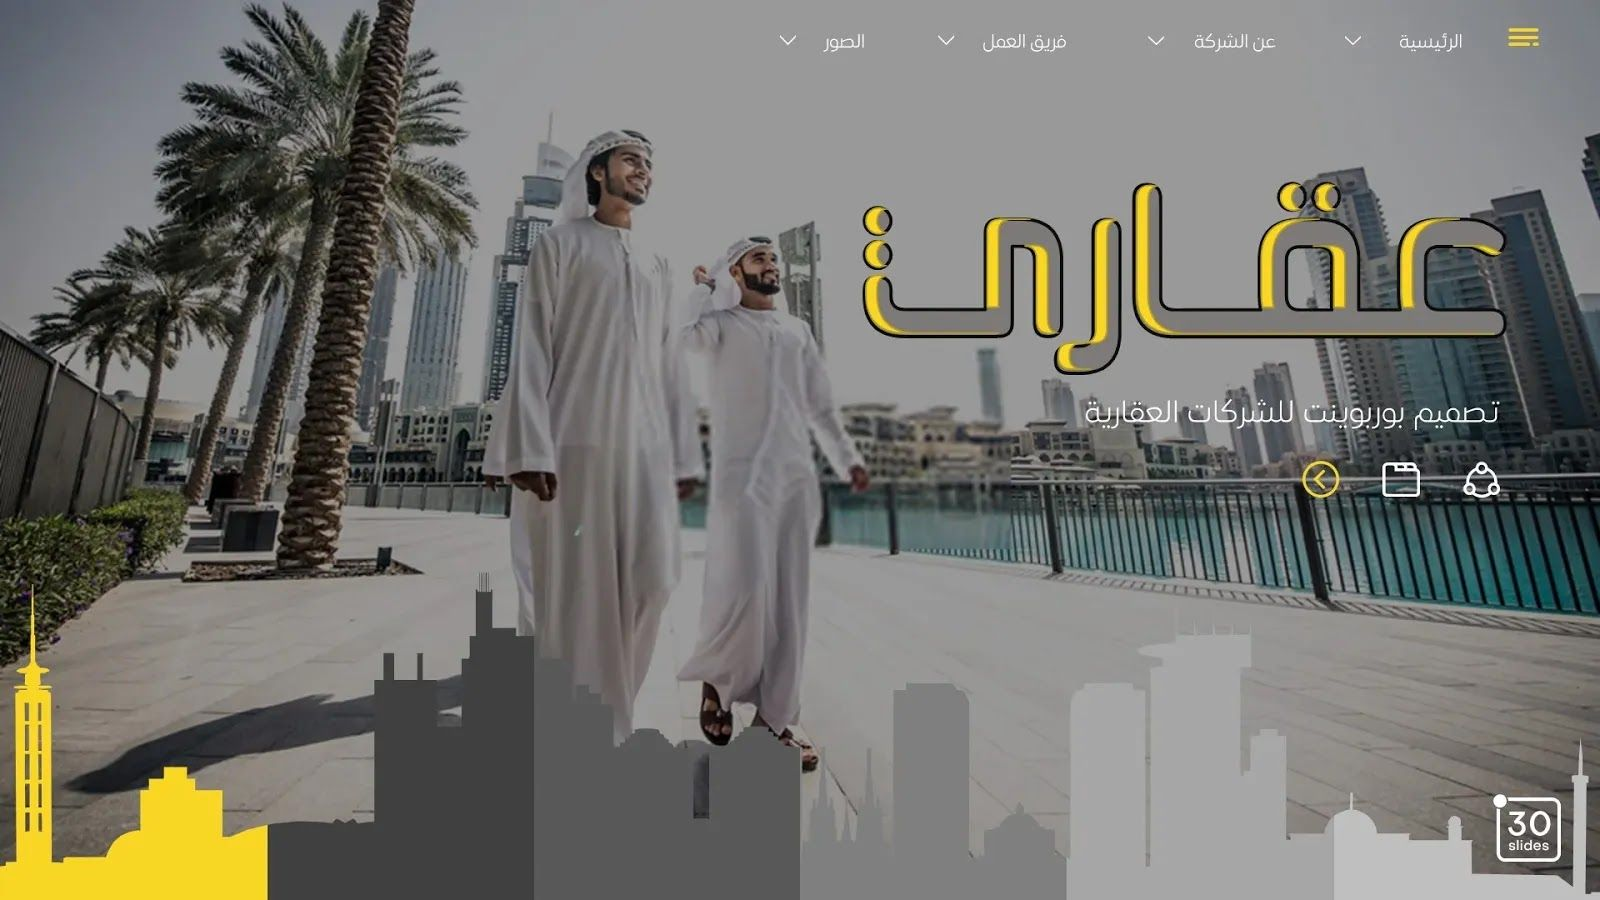 عقاري قالب بوربوينت عربي جاهز لعمل بروفايل الشركات العقارية ادركها بوربوينت Fun Slide Fun Fair Grounds